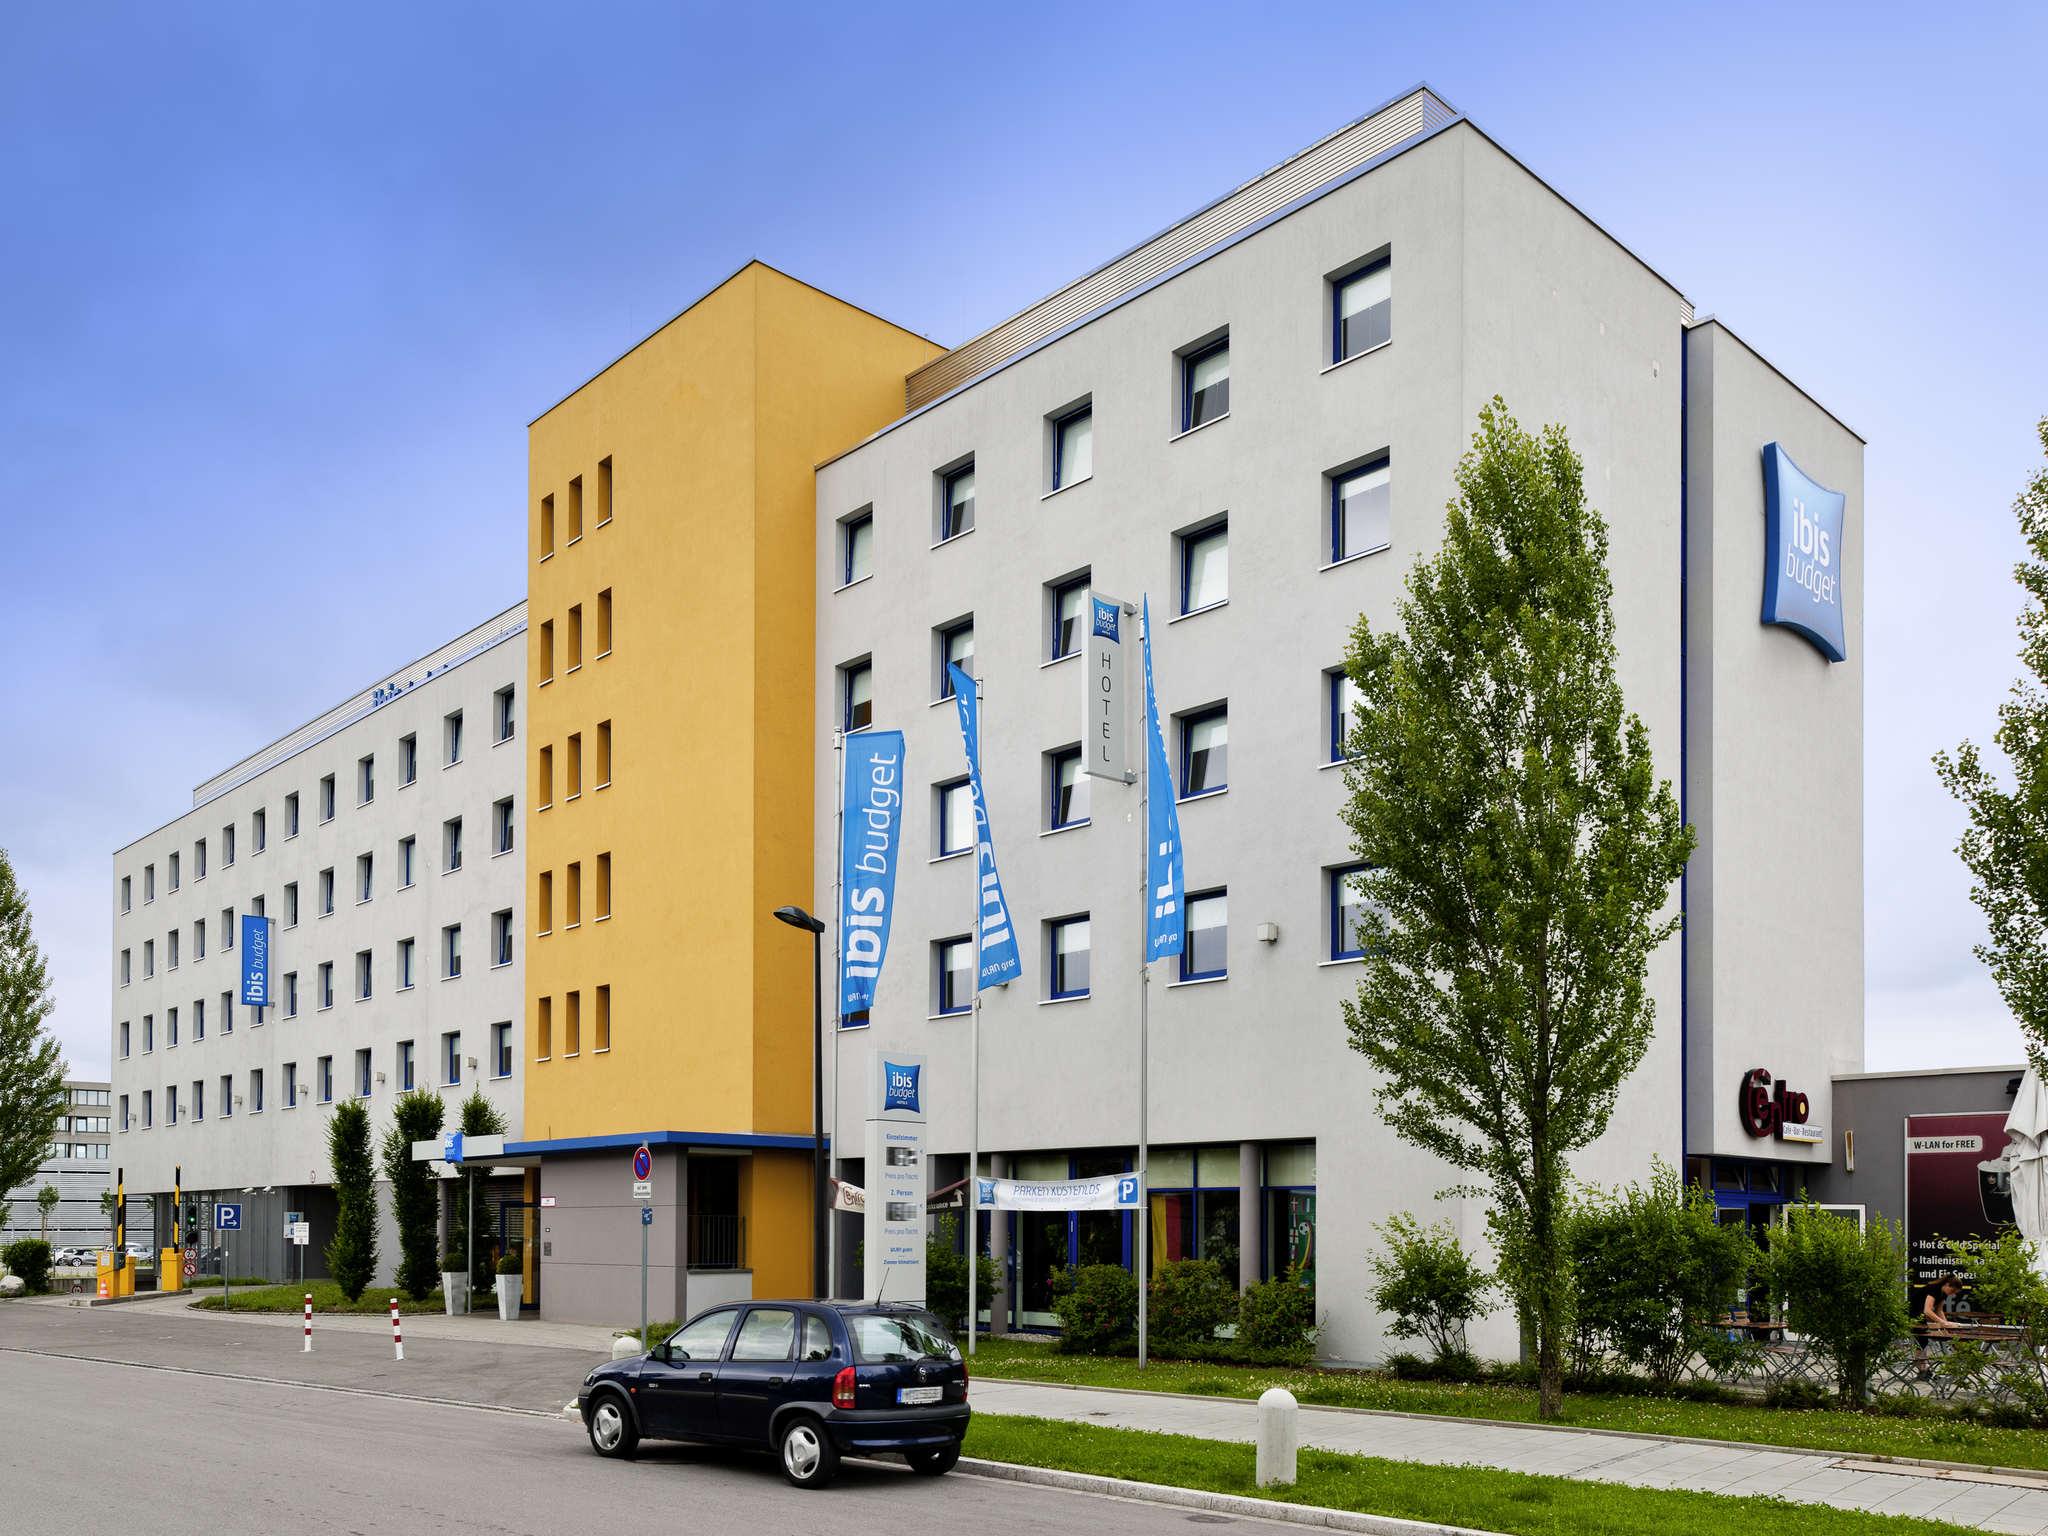 ホテル – イビスバジェットミュンヘンオストメッセ